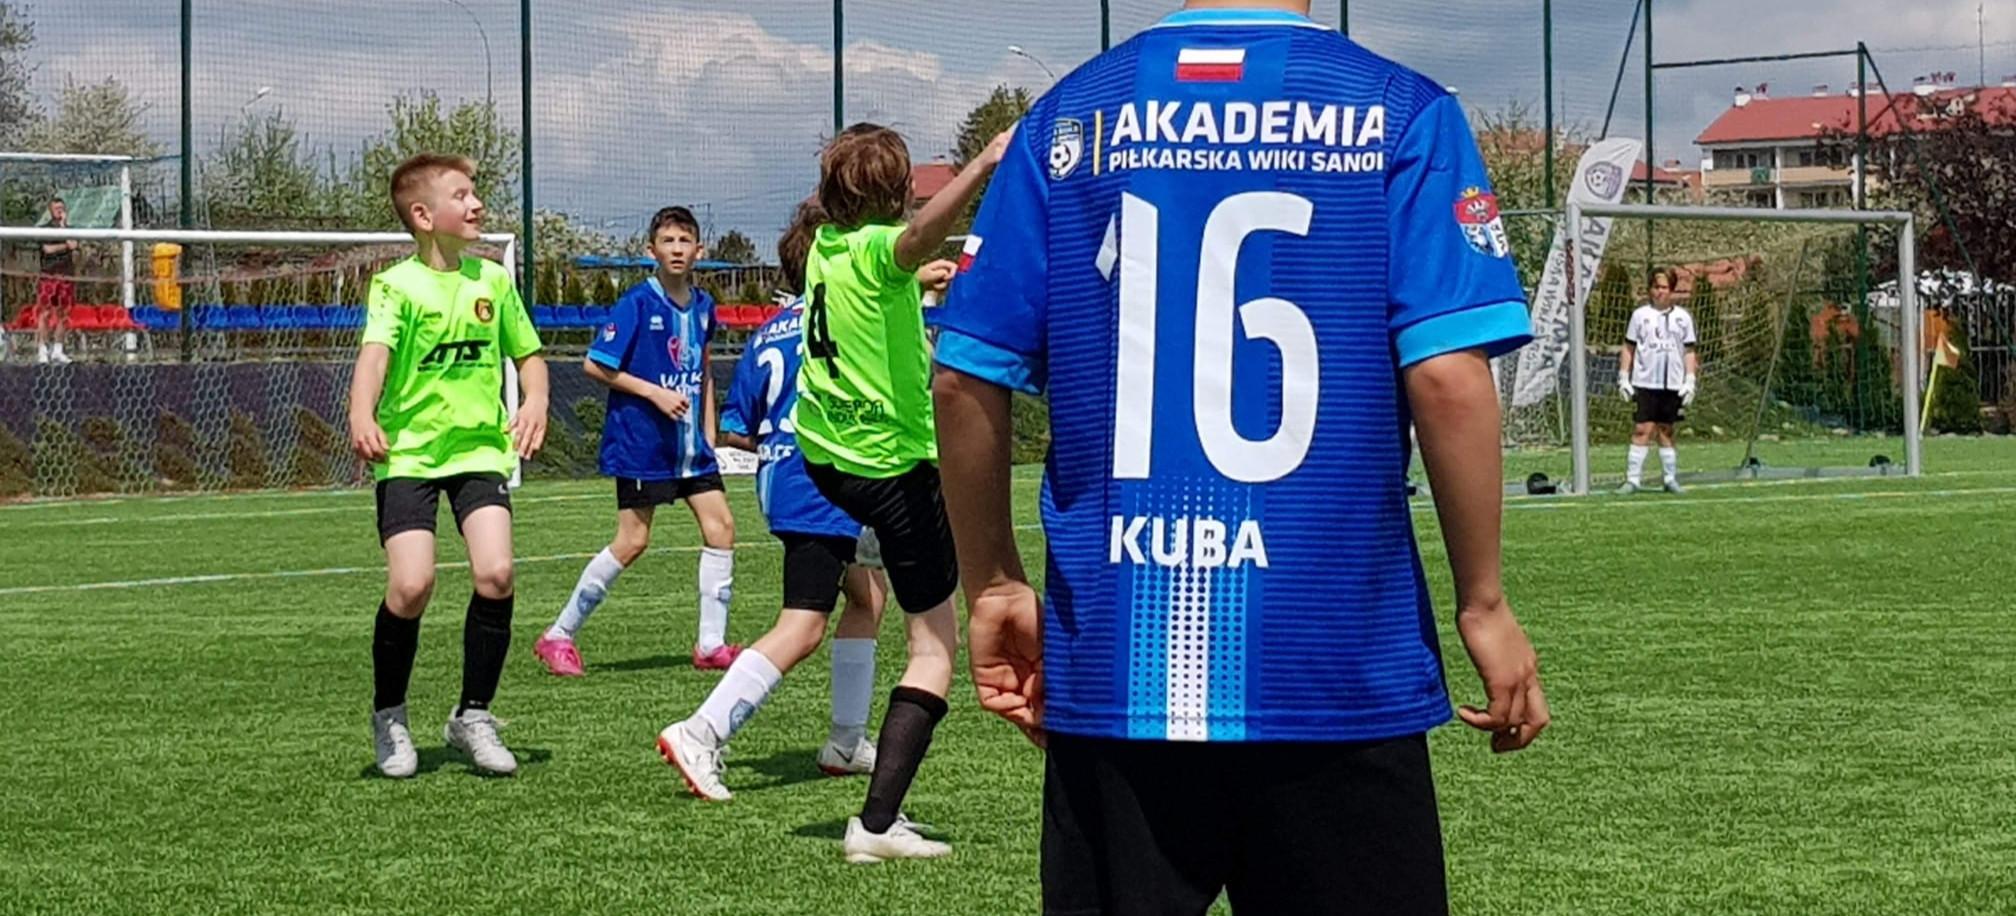 Akademia Piłkarska wprowadza innowacyjne treningi. Piłkarze będą uczyć się języka angielskiego!